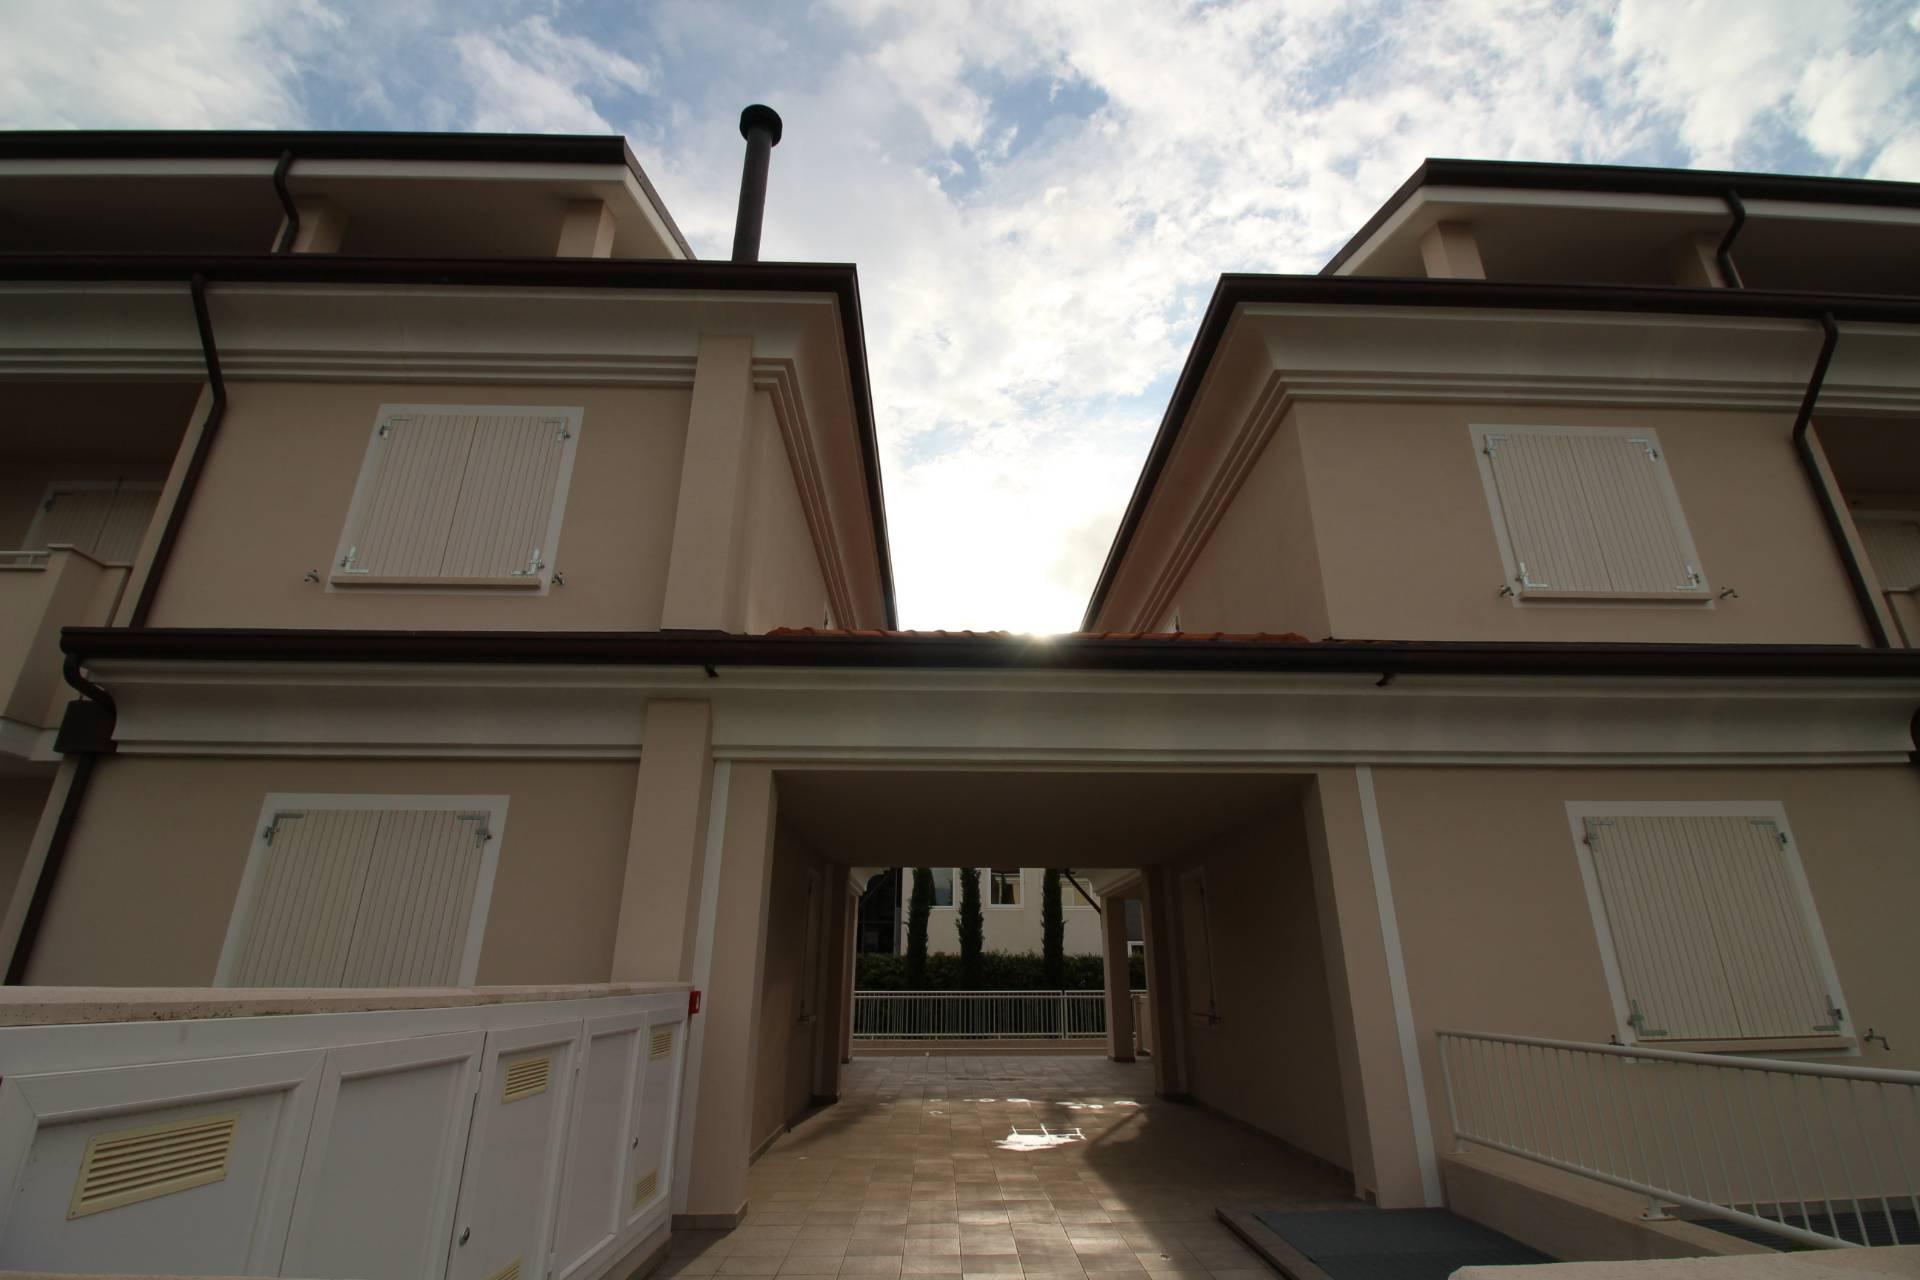 Appartamento in vendita a Montiano, 3 locali, zona Località: BadiadiMontiano, prezzo € 206.000 | CambioCasa.it